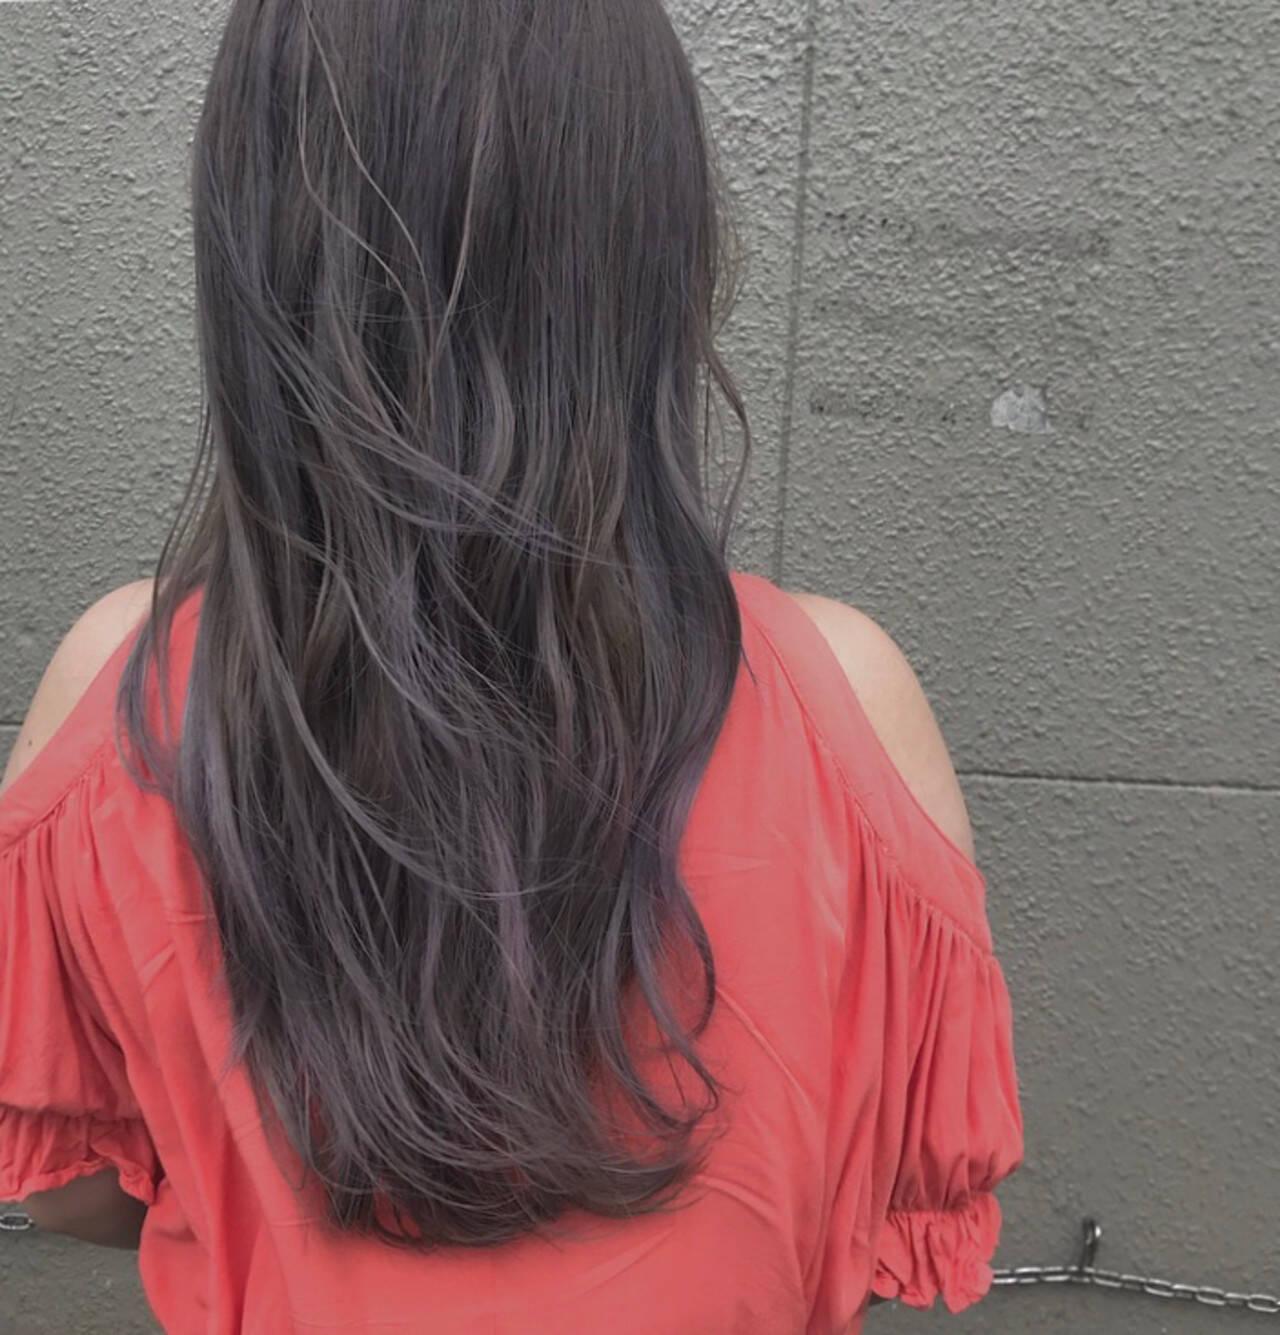 デート アッシュバイオレット パープル ロングヘアスタイルや髪型の写真・画像